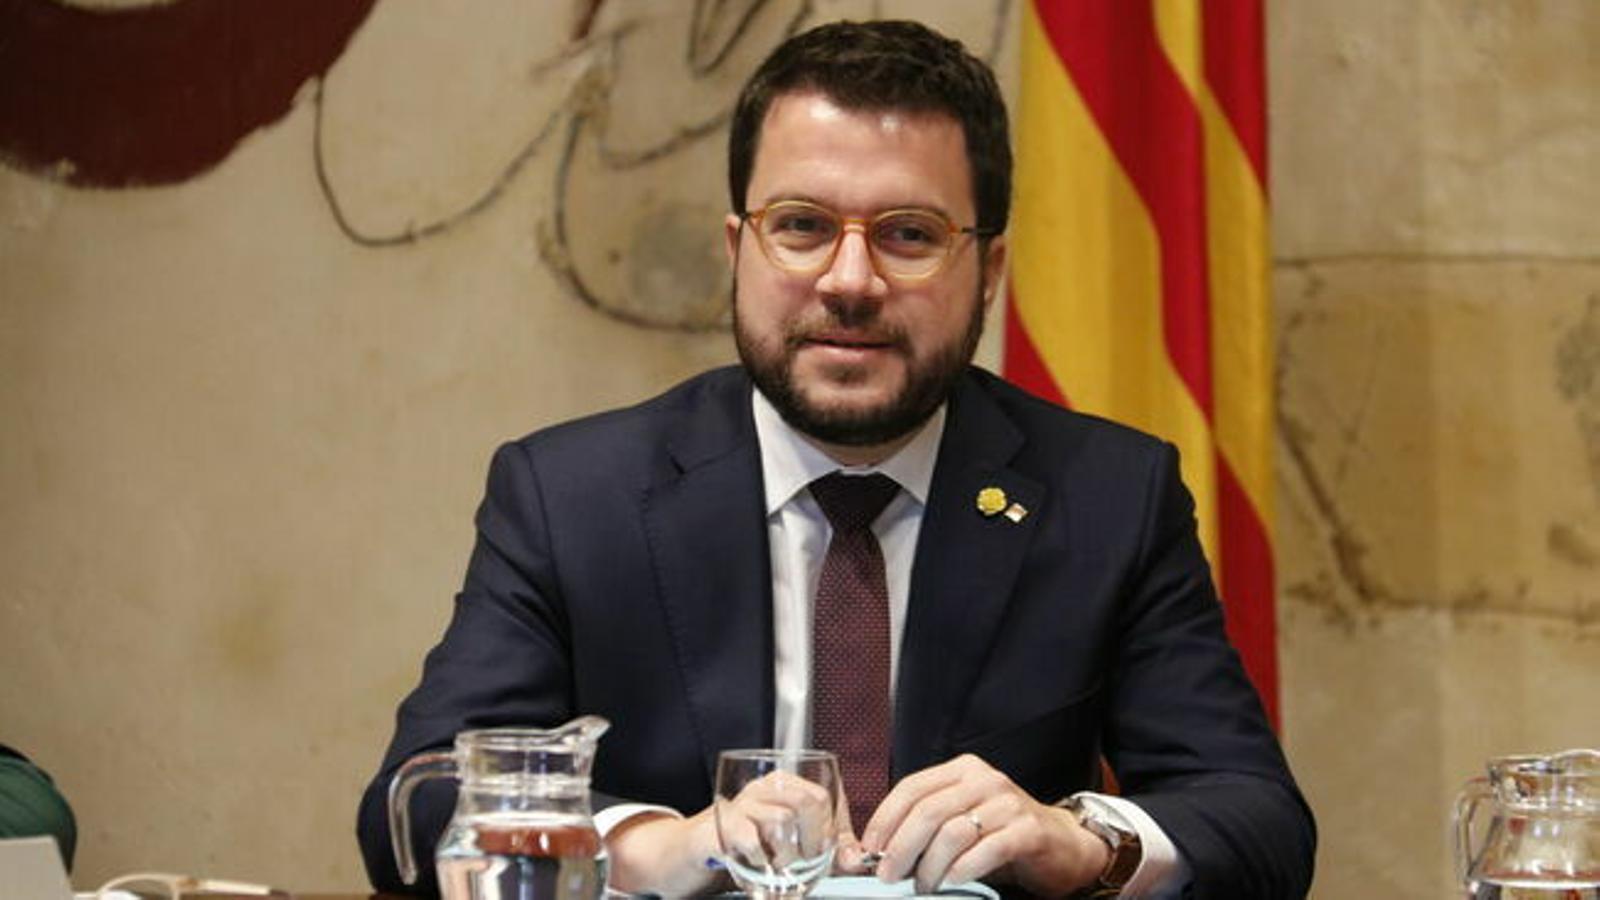 """Aragonès, sobre l'acord de govern a l'Estat: """"Hem tingut la sensació que se'ns ha pres el pèl durant molts mesos"""""""